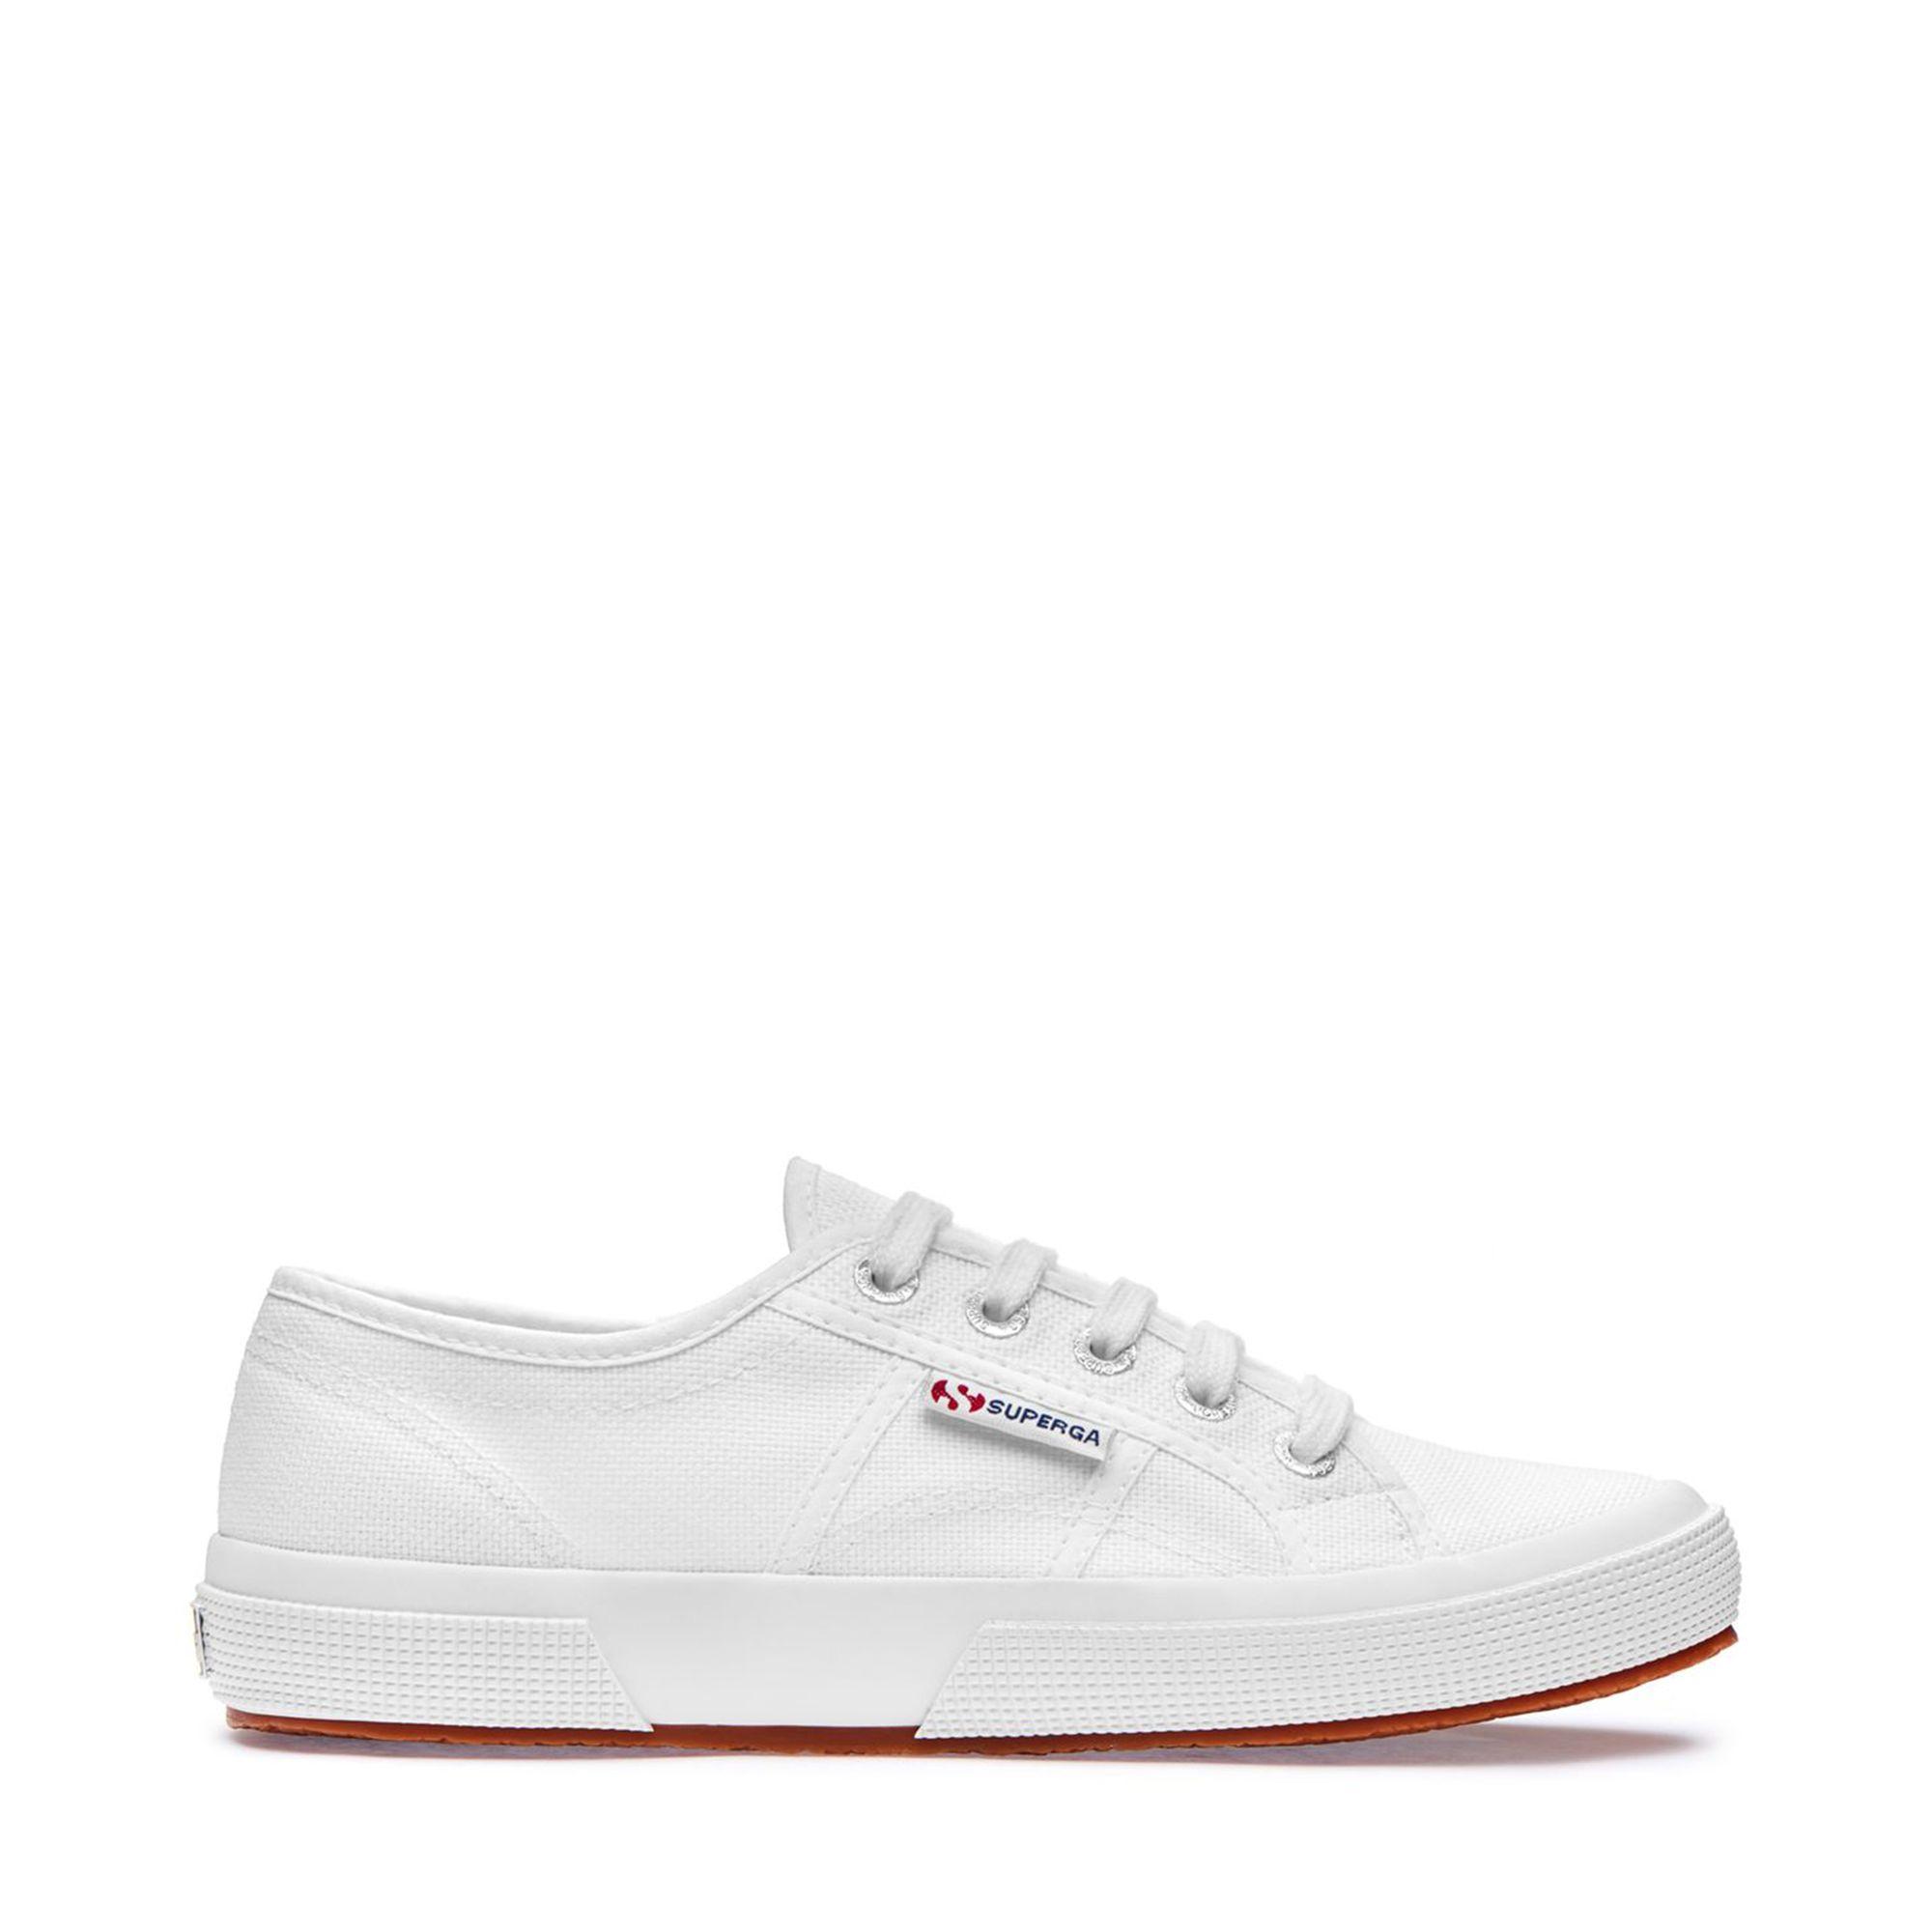 Superga 2750 Cotu Classic sneakers i canvas, dam, Vit, 40